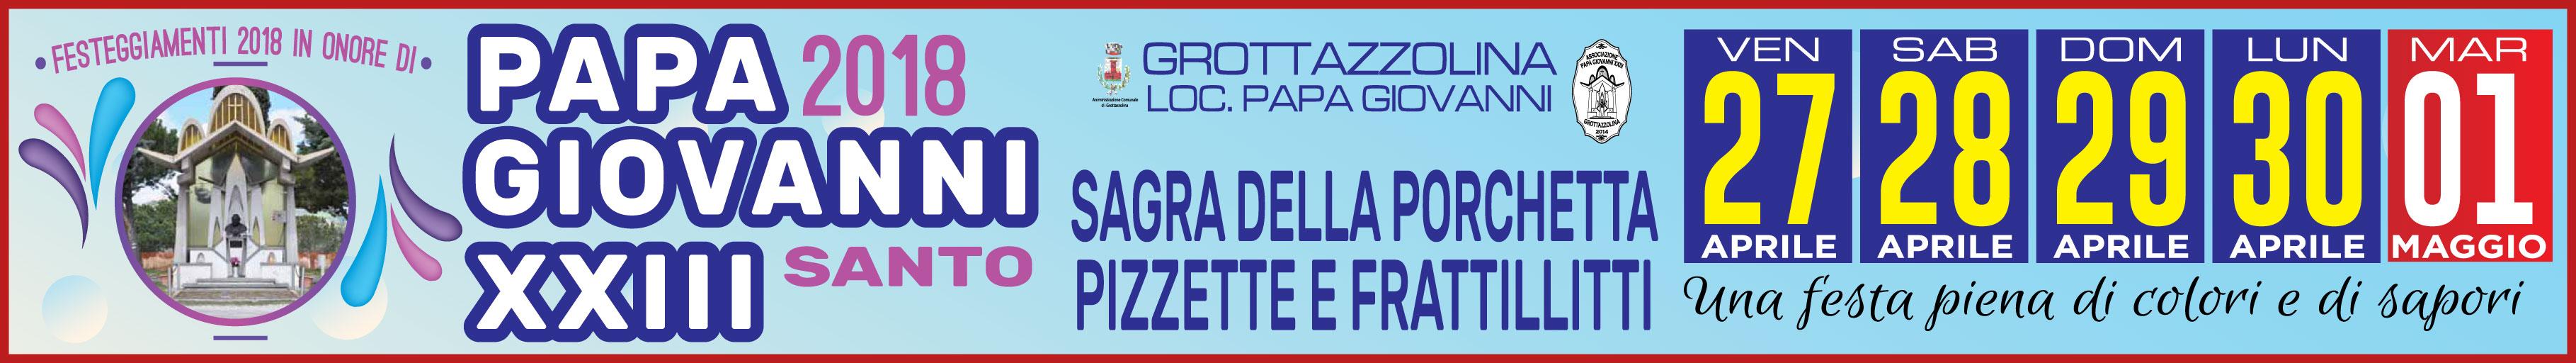 Grottazzolina - Papa Giovanni XXIII 2018